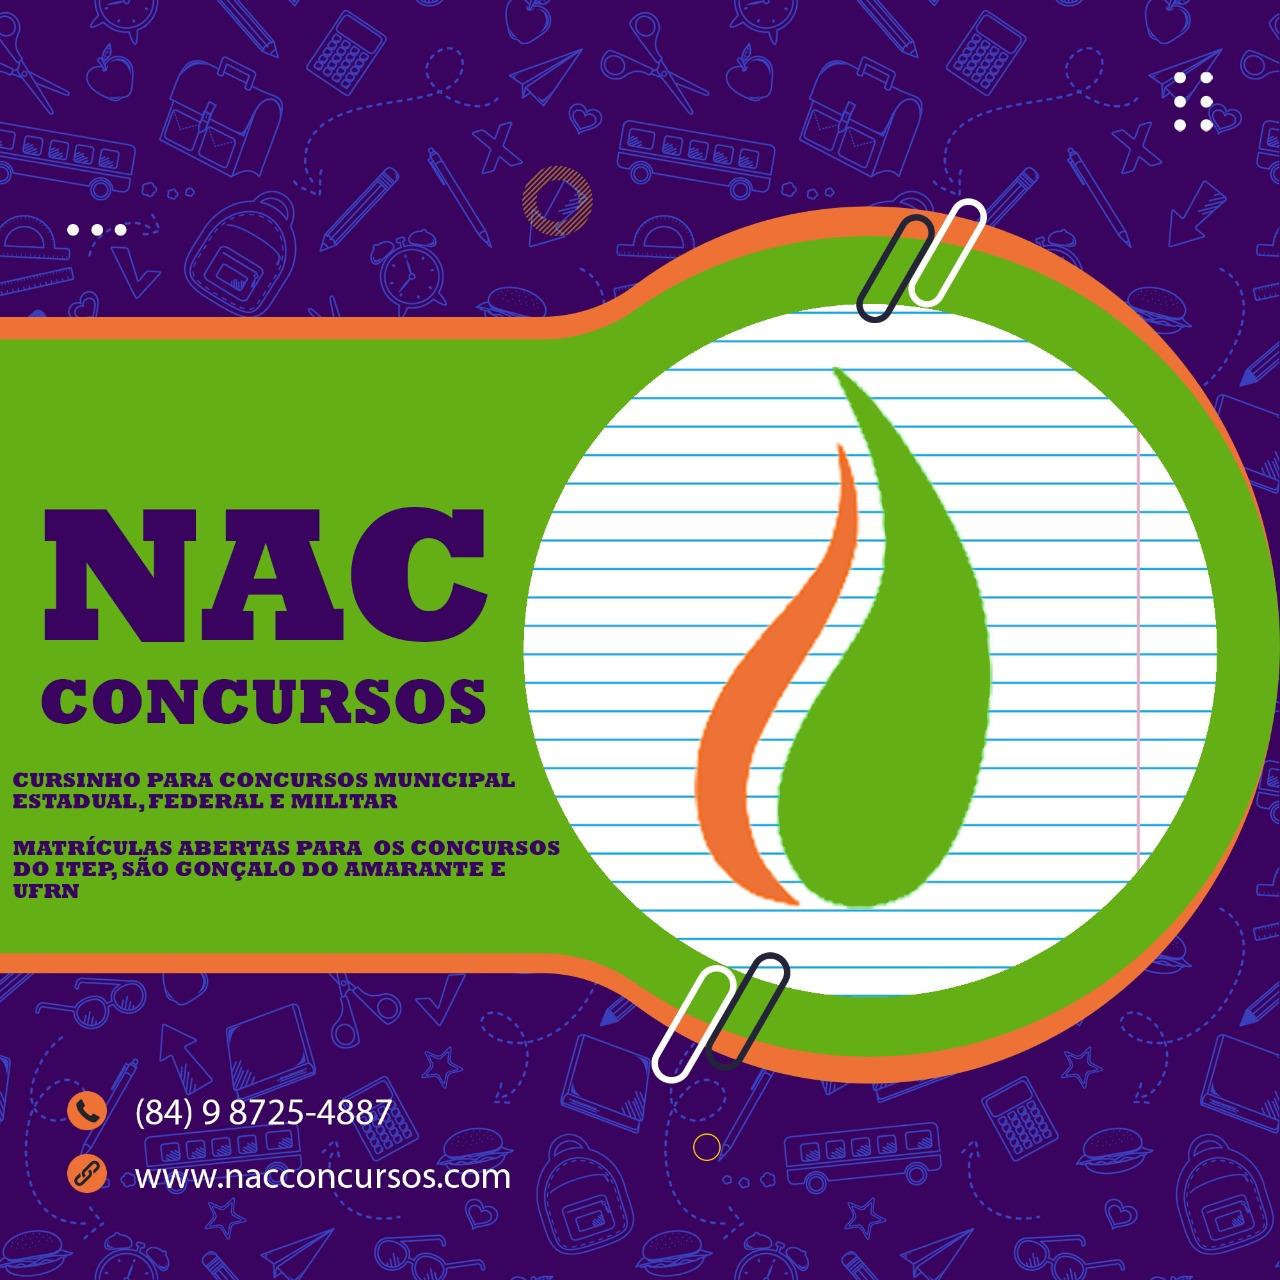 NAC CONCURSOS - NATAL